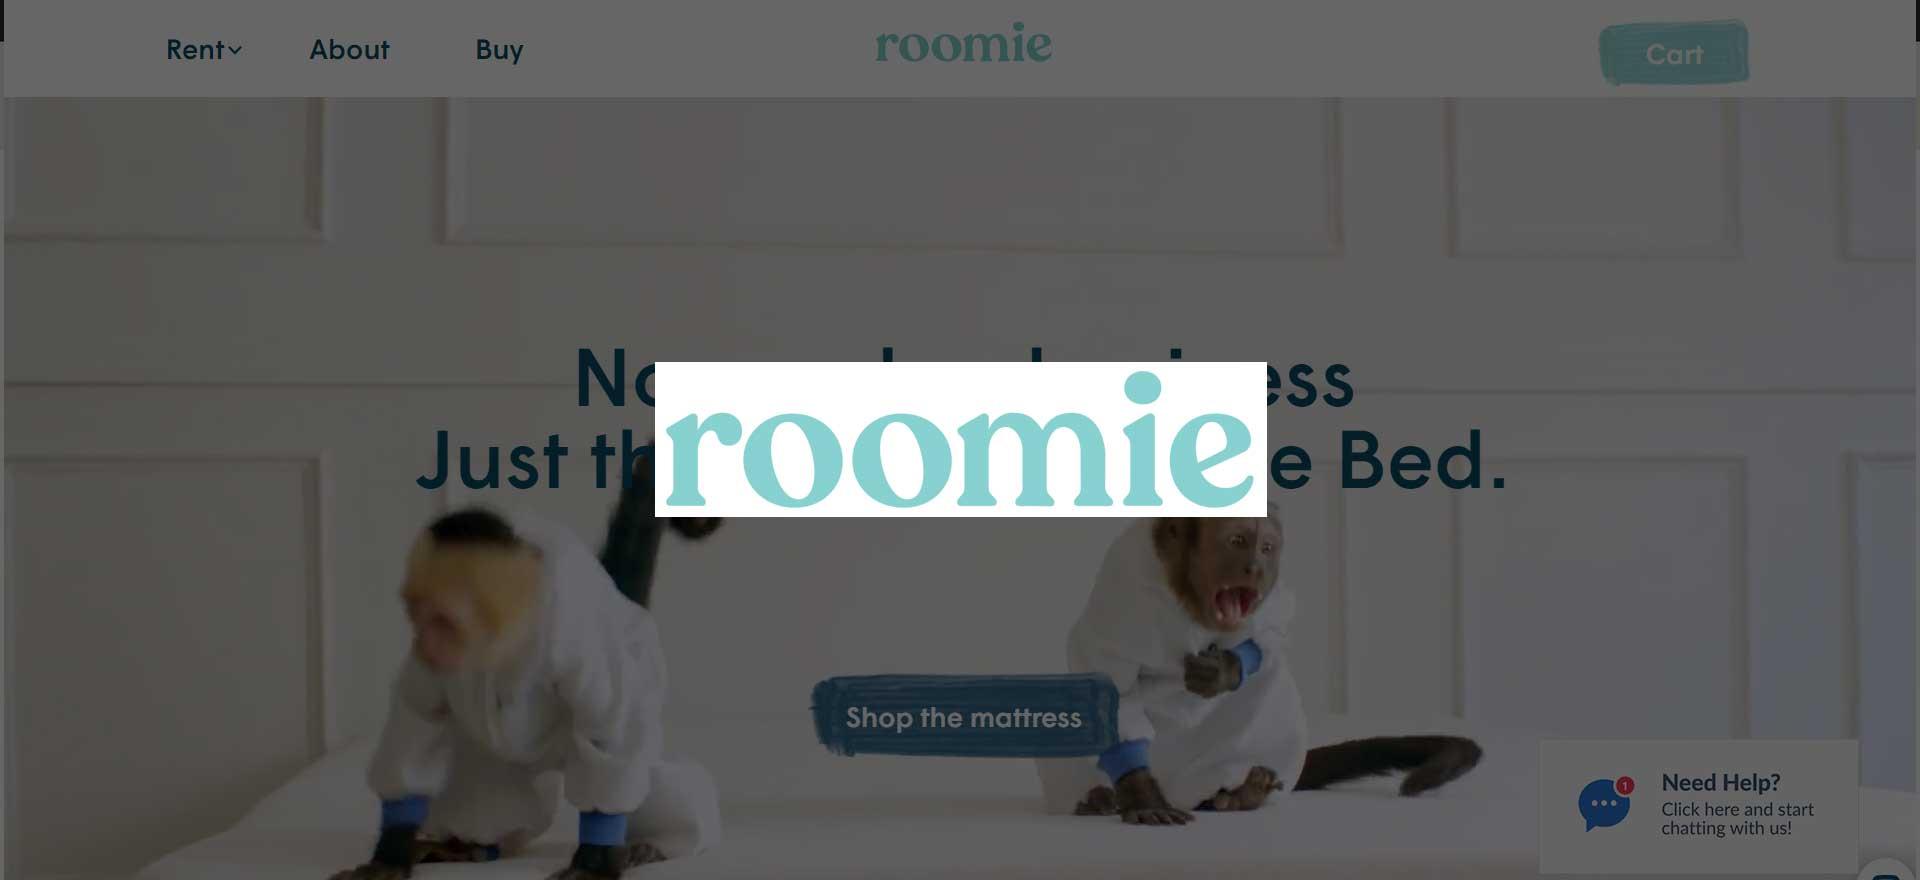 Roomie Rentals